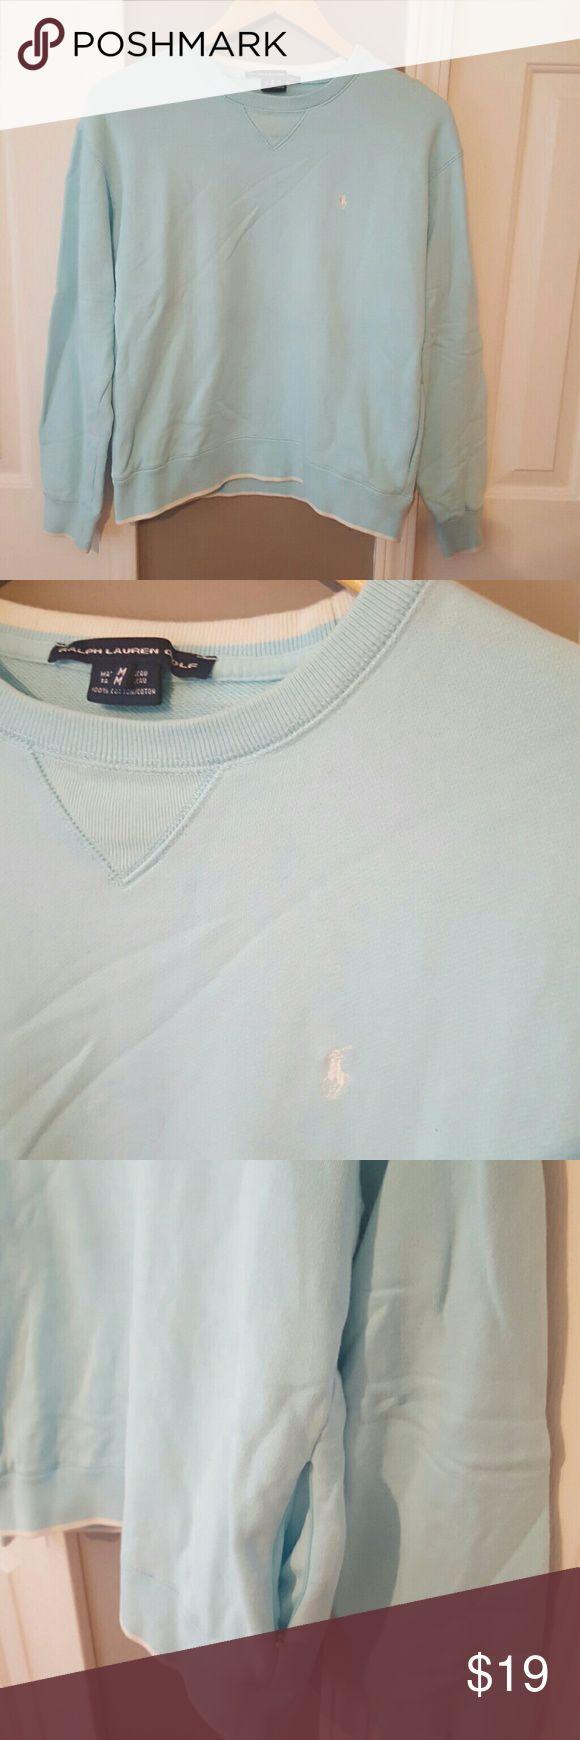 Ralph Lauren sweatshirt Baby blue Ralph Lauren sweatshirt with side zip pockets Ralph Lauren  Tops Sweatshirts & Hoodies